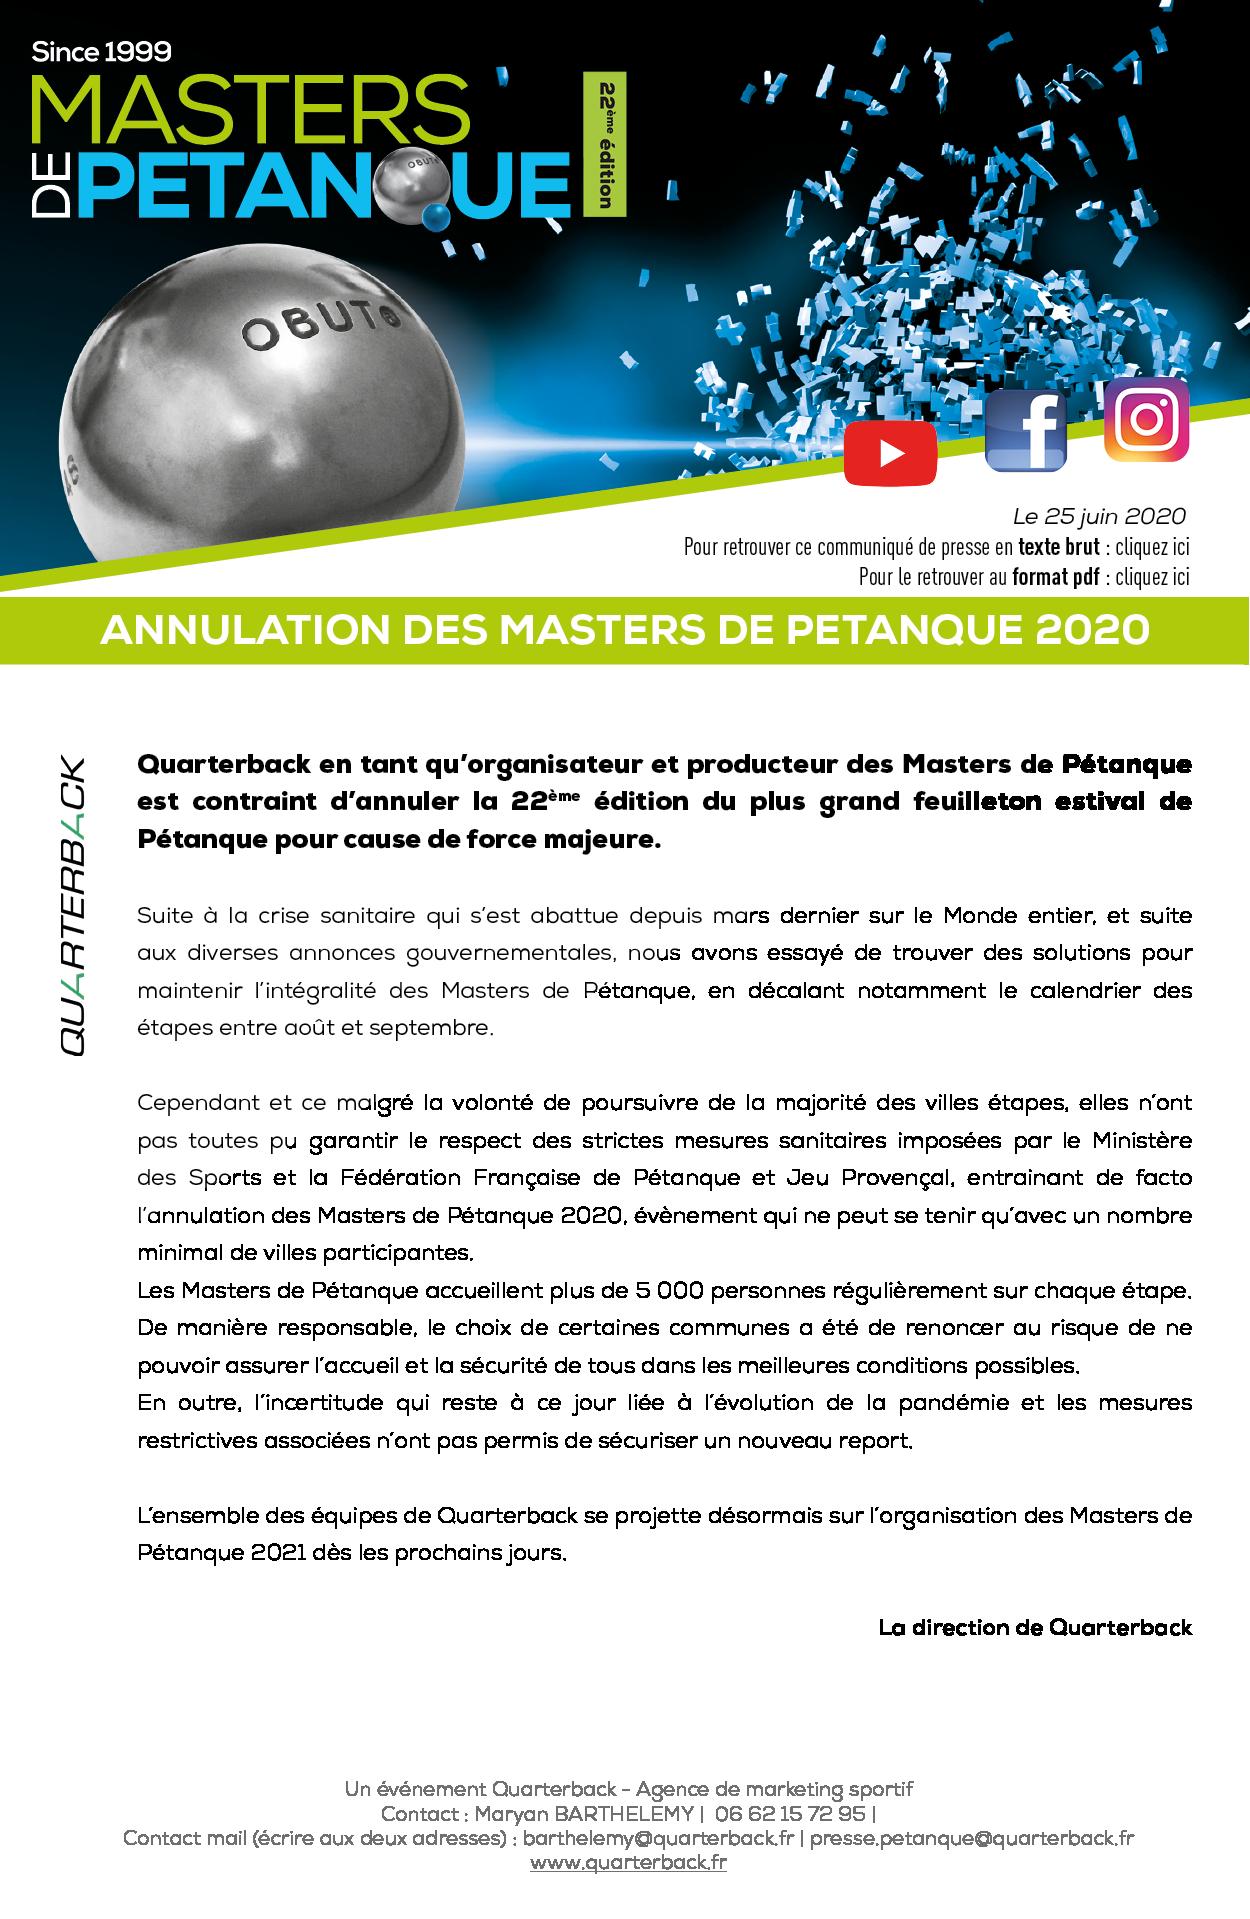 Masters de Pétanque